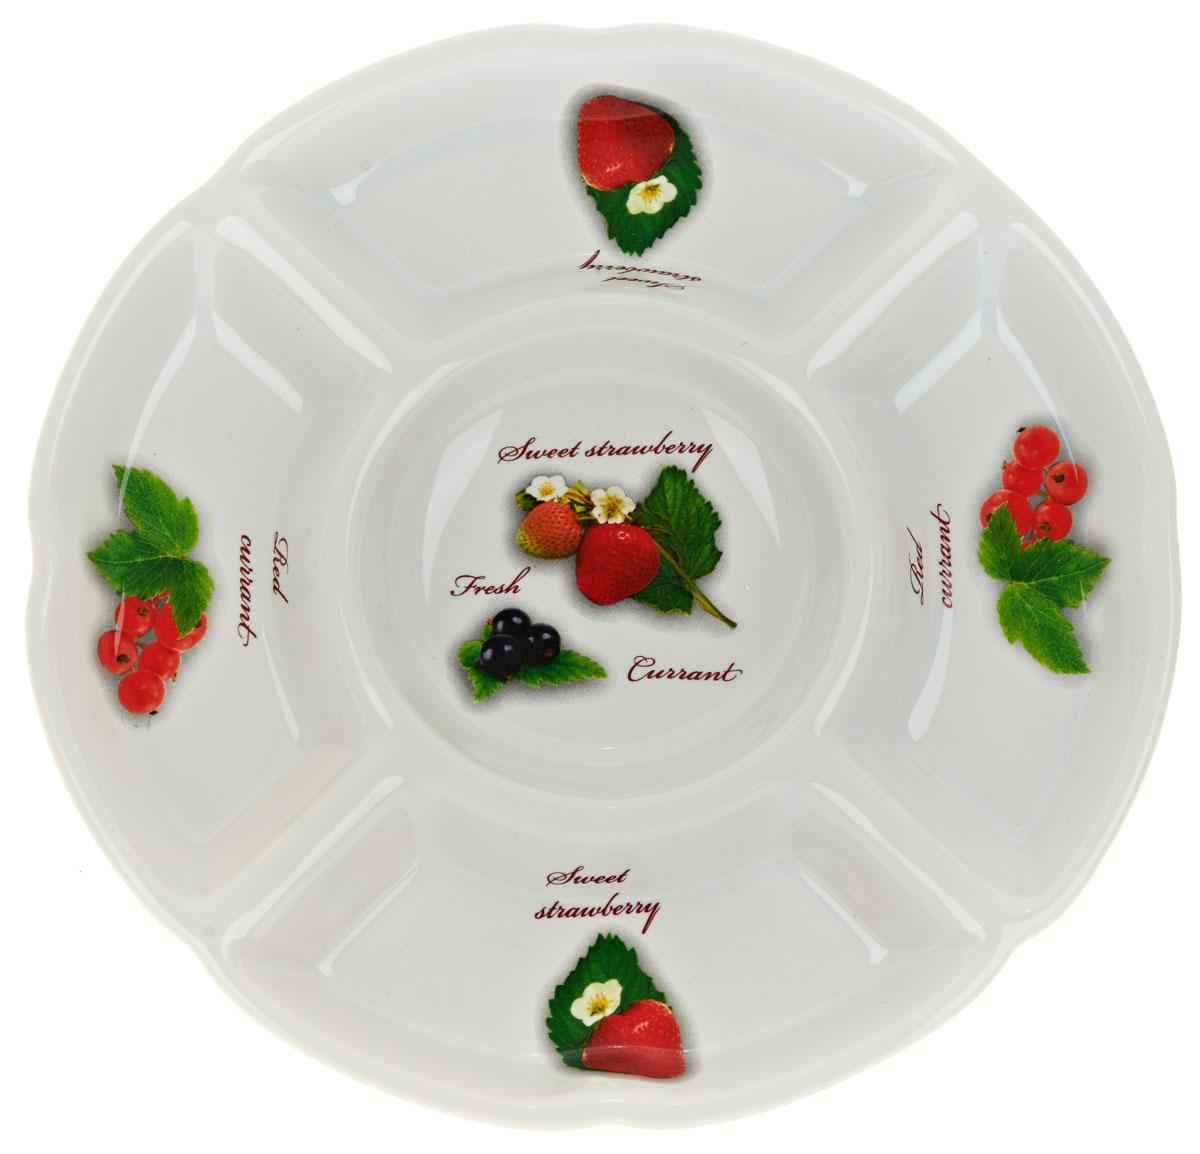 Менажница ENS Group Садовая ягода, 5 секций, диаметр 24 см. L2520284115510Менажница Садовая ягода, изготовленная из высококачественной керамики. Менажница состоит из 5 секций, предназначенных для подачи сразу нескольких видов закусок, нарезок, соусов и варенья.Оригинальная менажница станет настоящим украшением праздничного стола и подчеркнет ваш изысканный вкус.Можно мыть в посудомоечной машине.